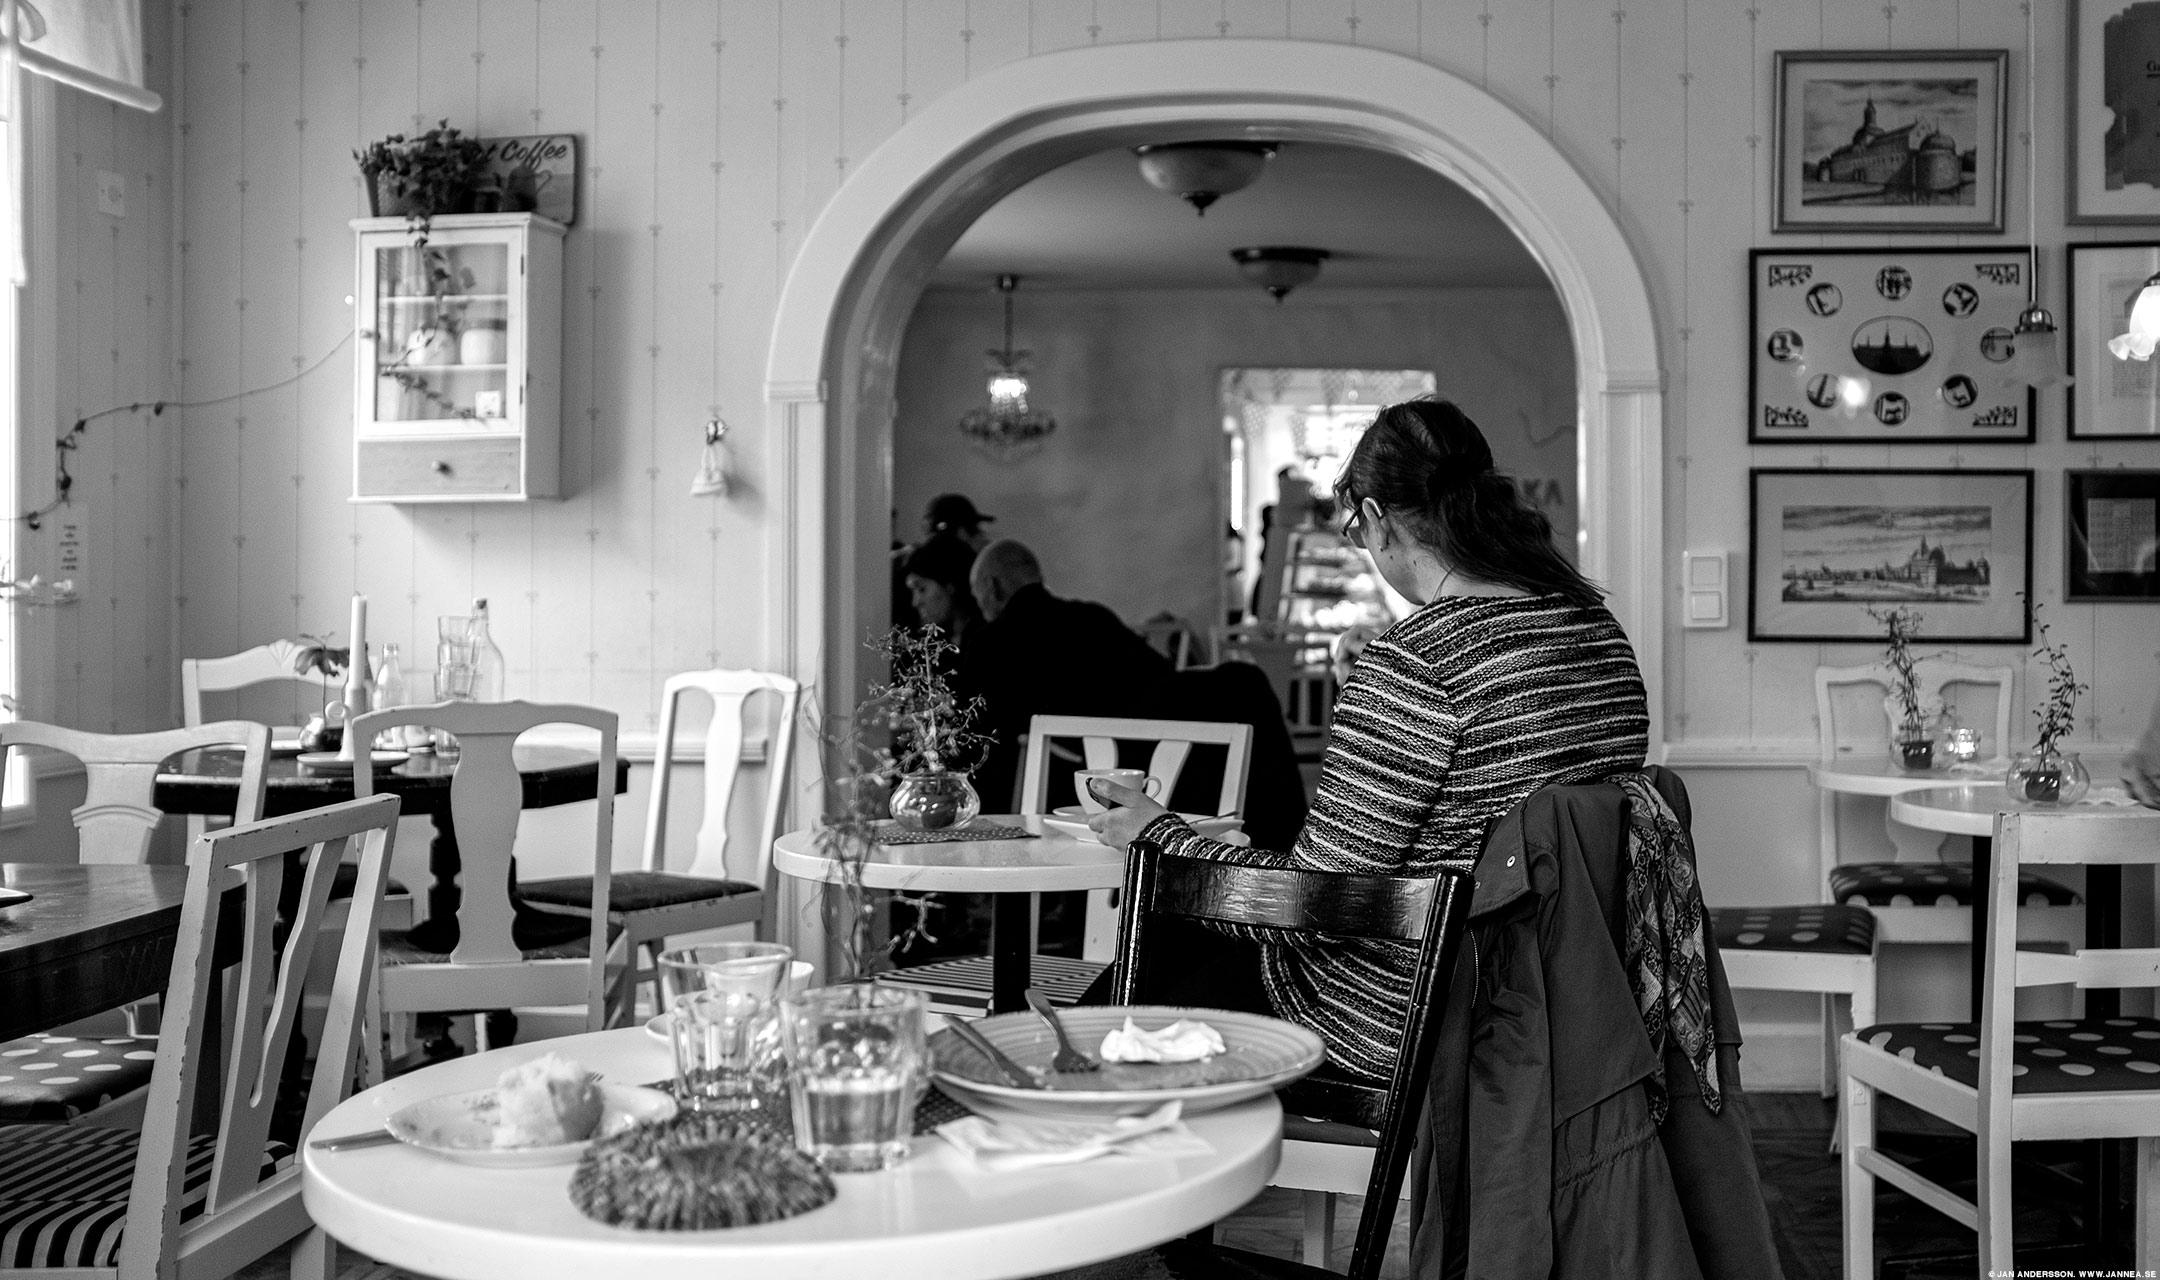 På fiket fikar folk och är oändligt jävla omständiga|©Jan Andersson